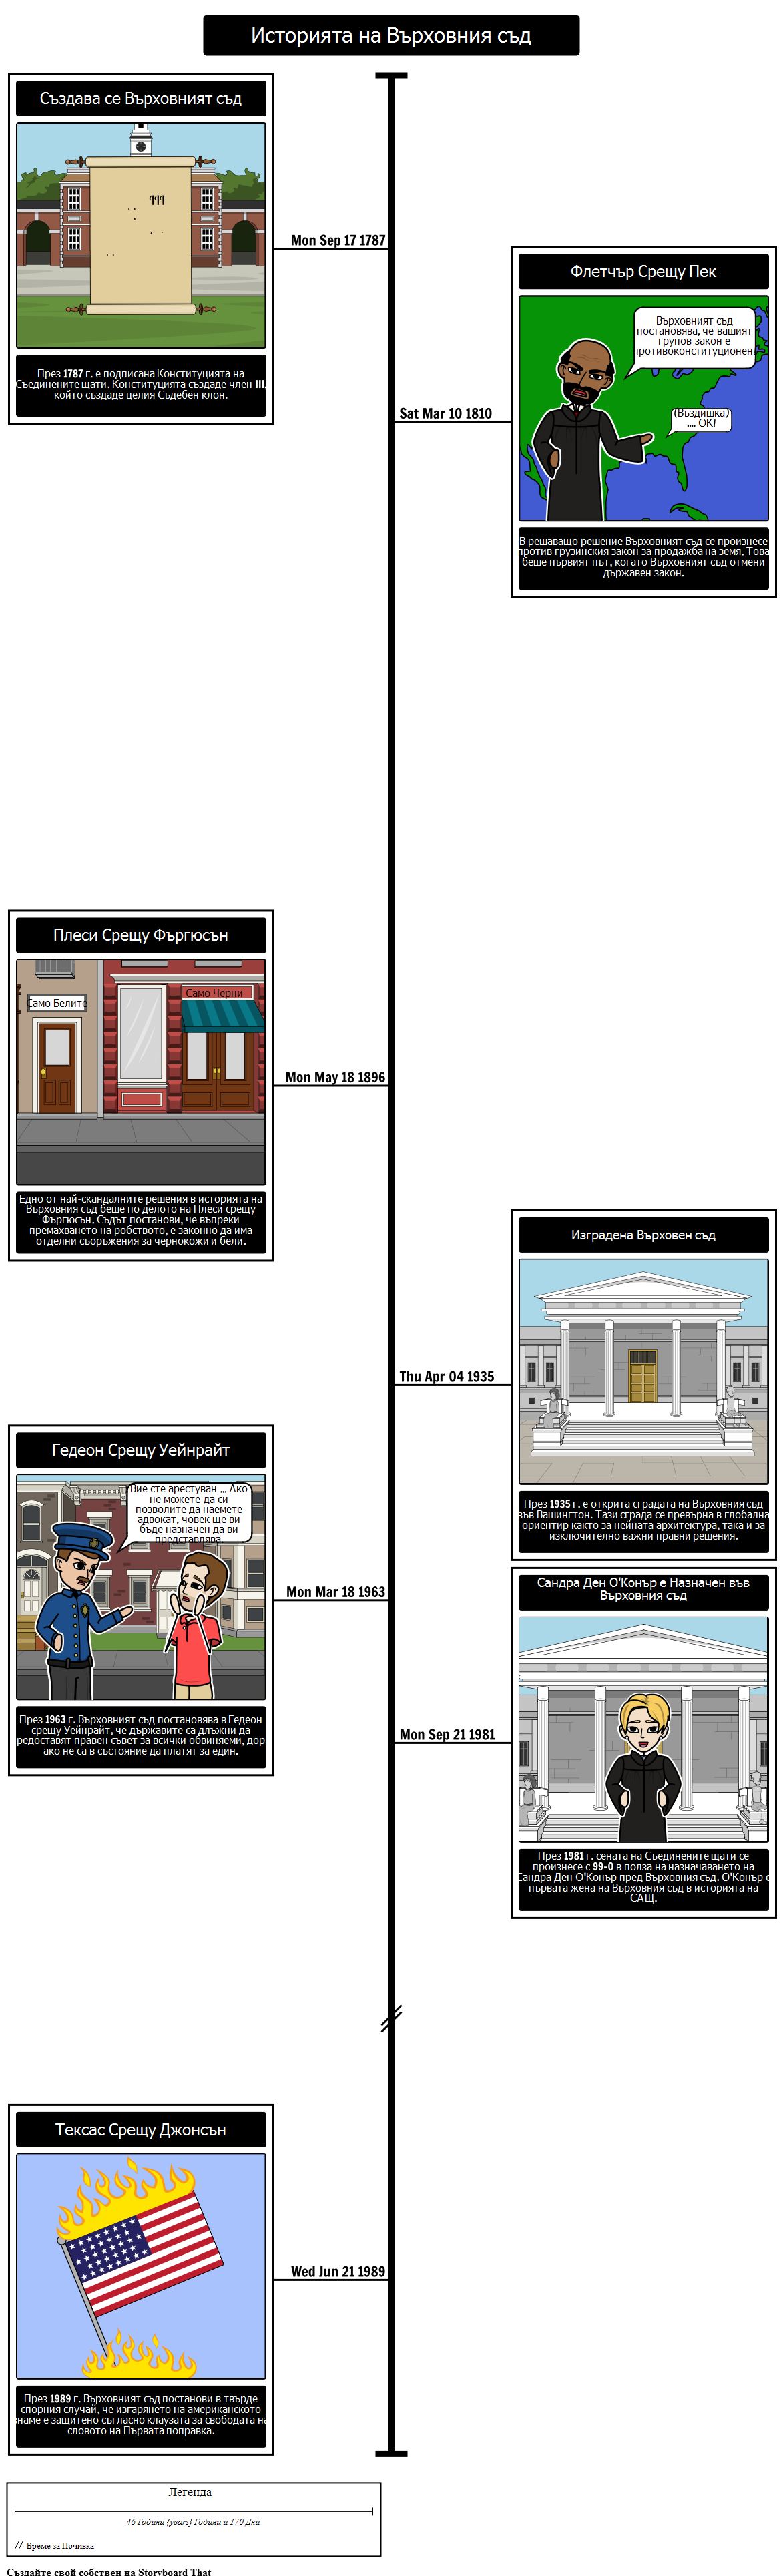 История на Времевия ред на Върховния съд